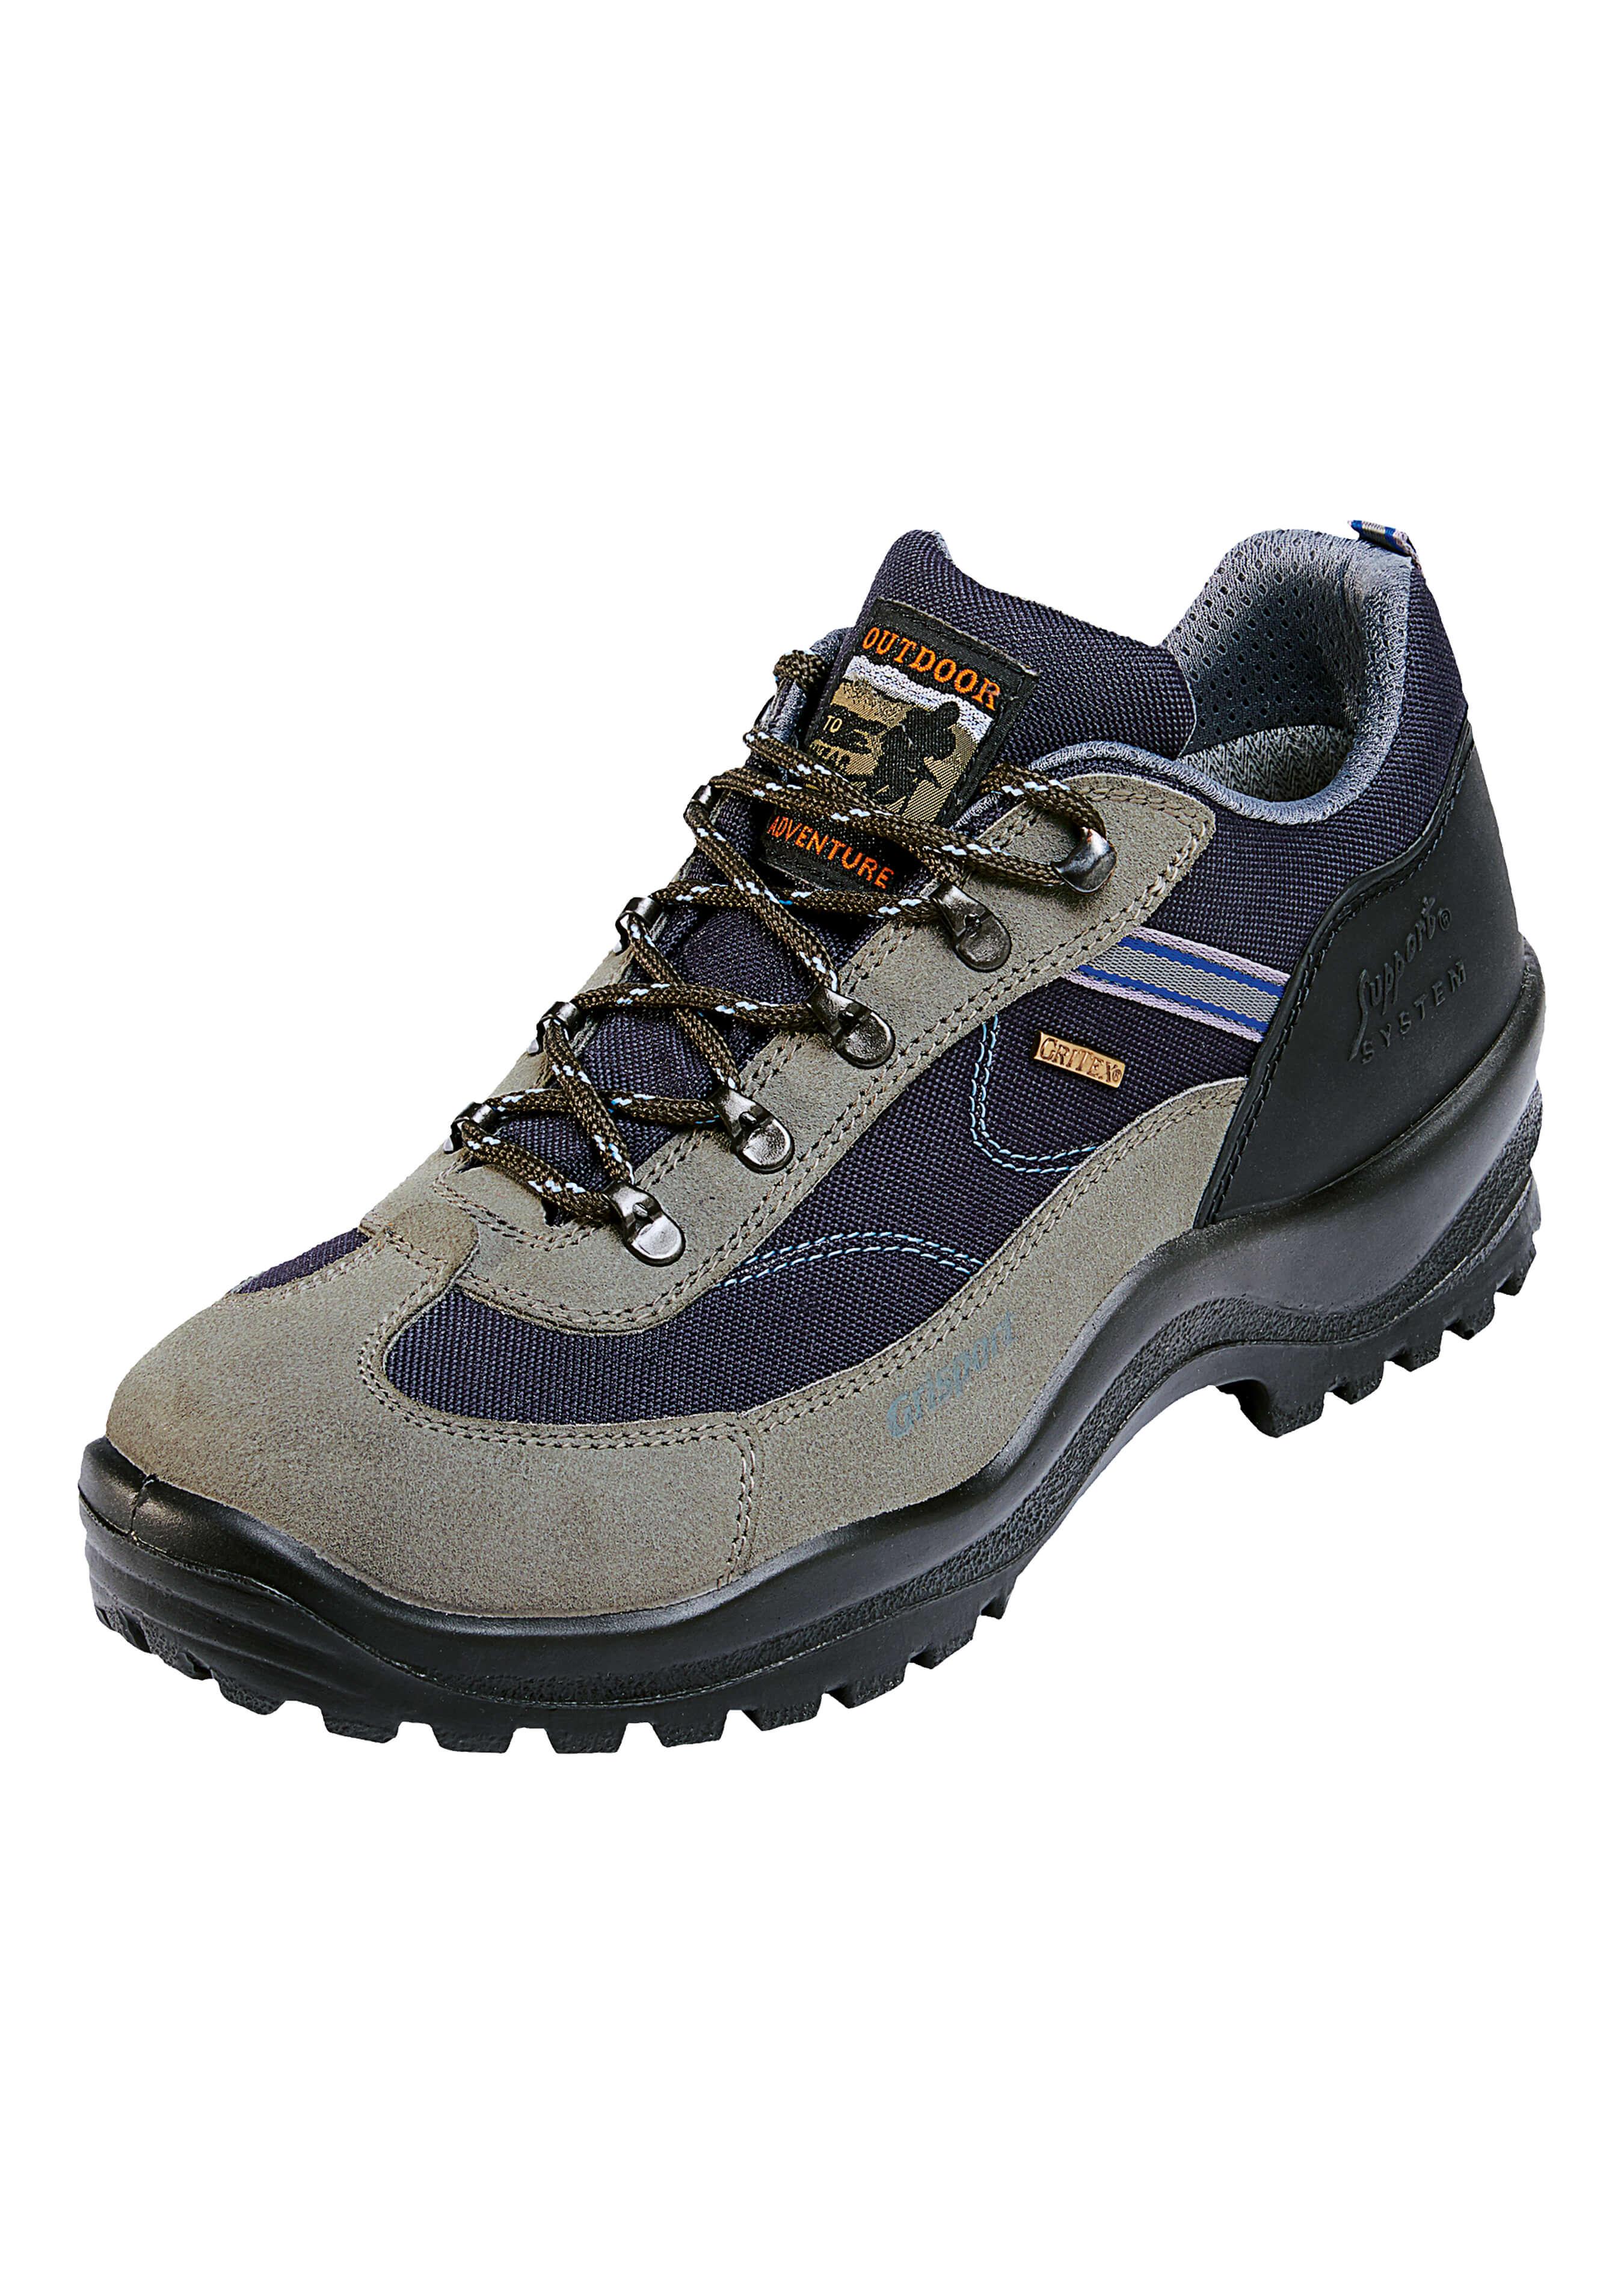 chaussure polyvalente pour travail et loisirs 41361136 1